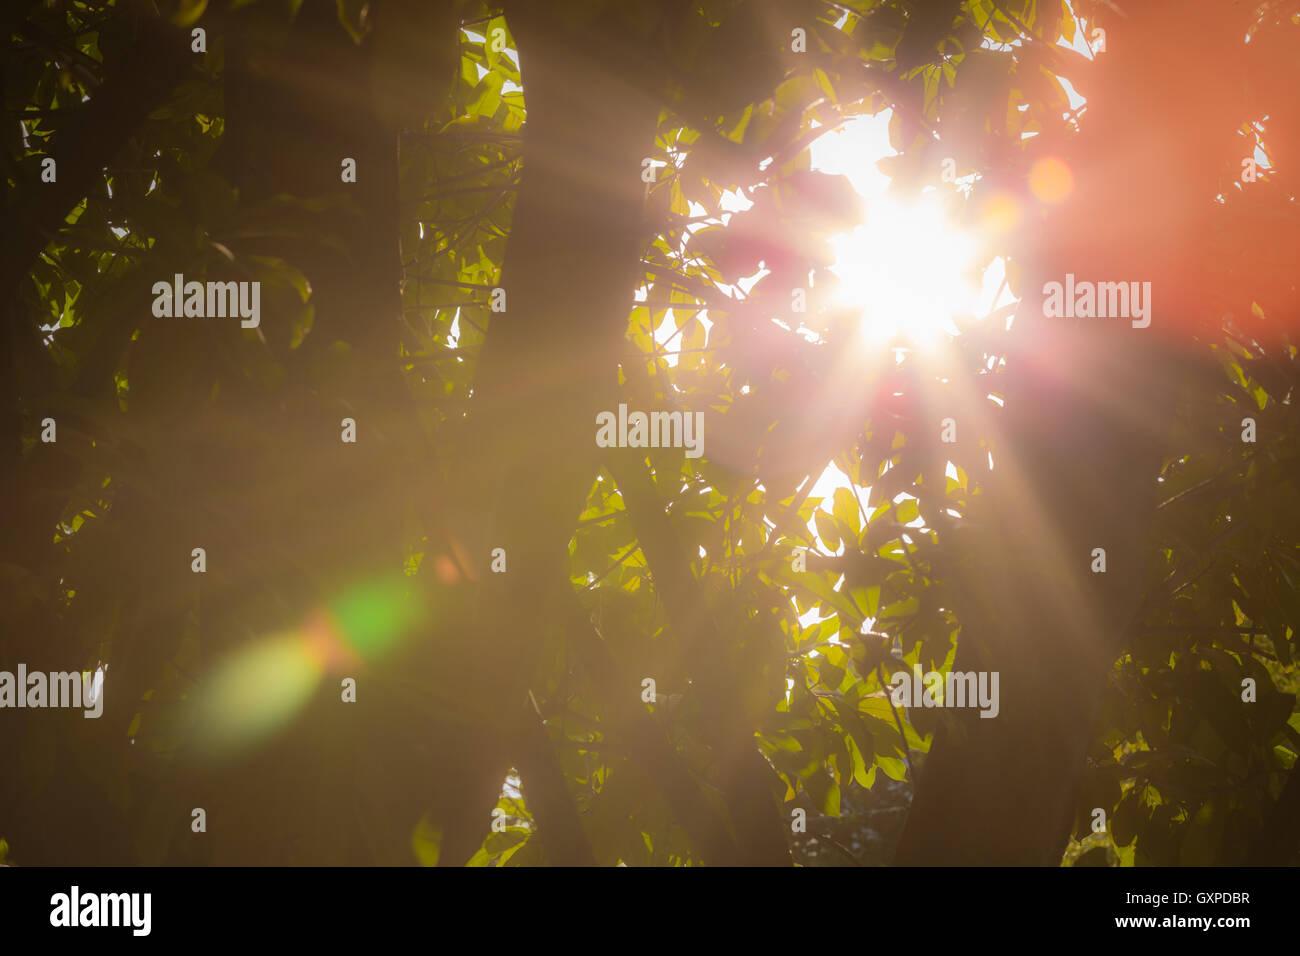 Sonnenstrahl und Lens flare durch Blätter des Baumes. Stockbild